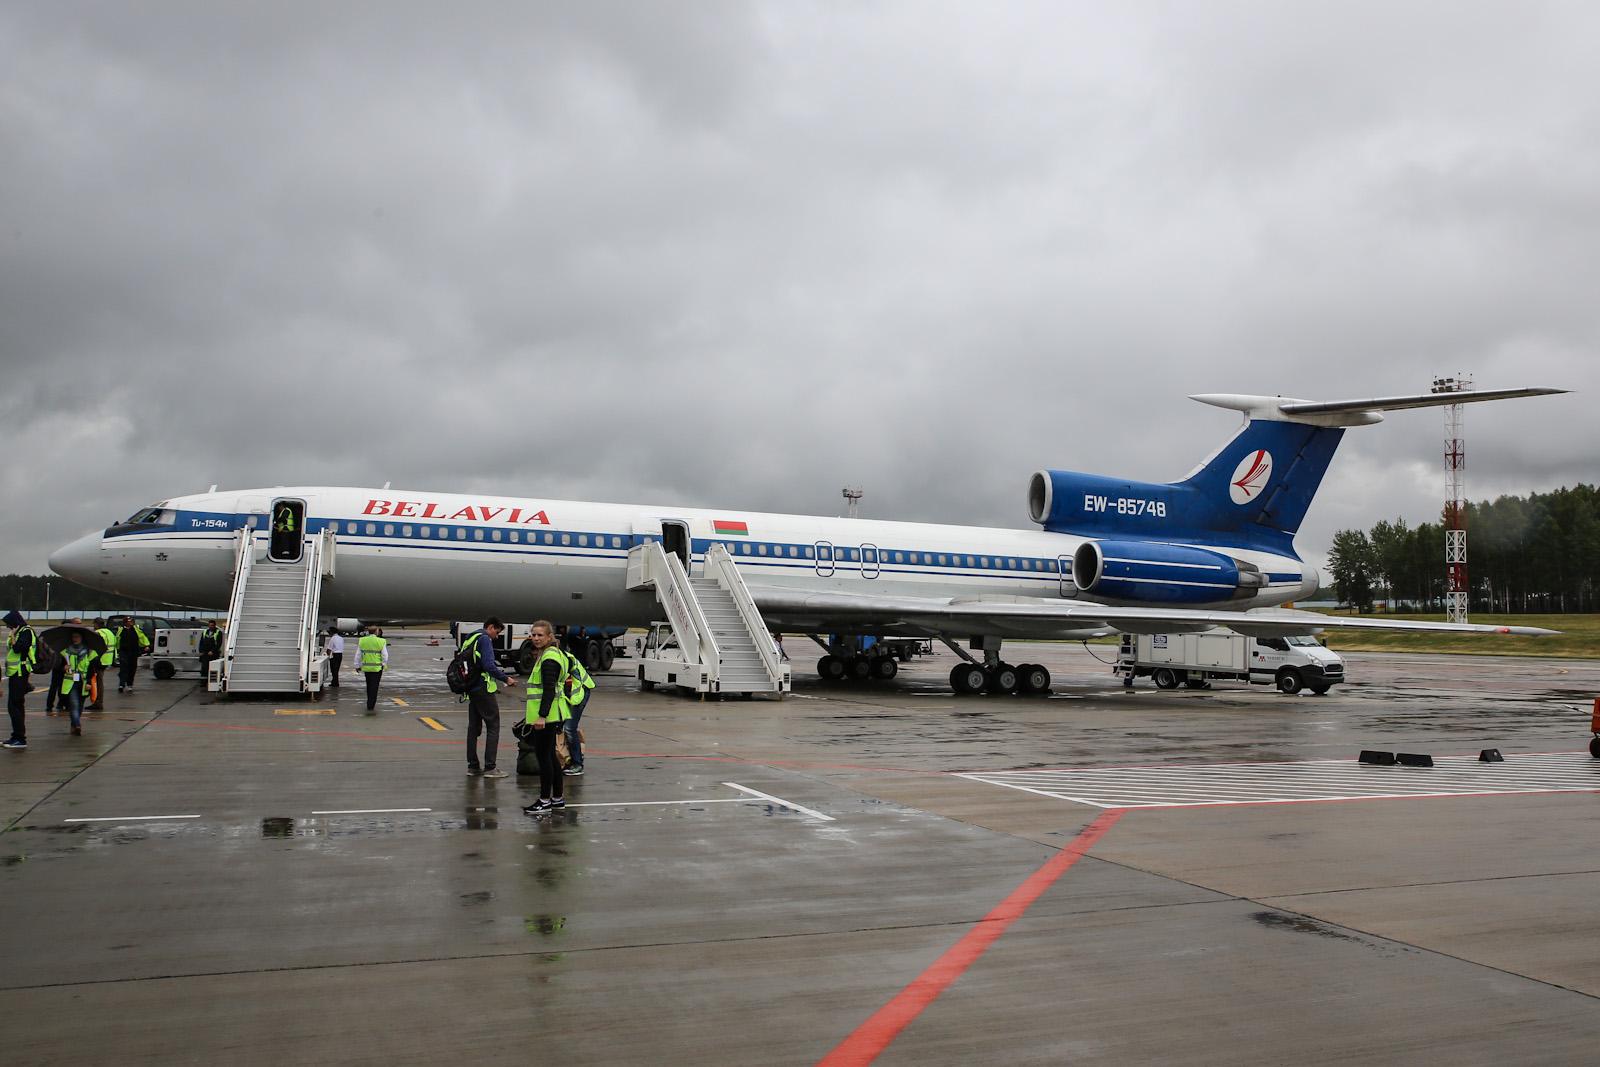 """Самолет Ту-154М """"Белавиа"""" EW-85748 в аэропорту Минска"""